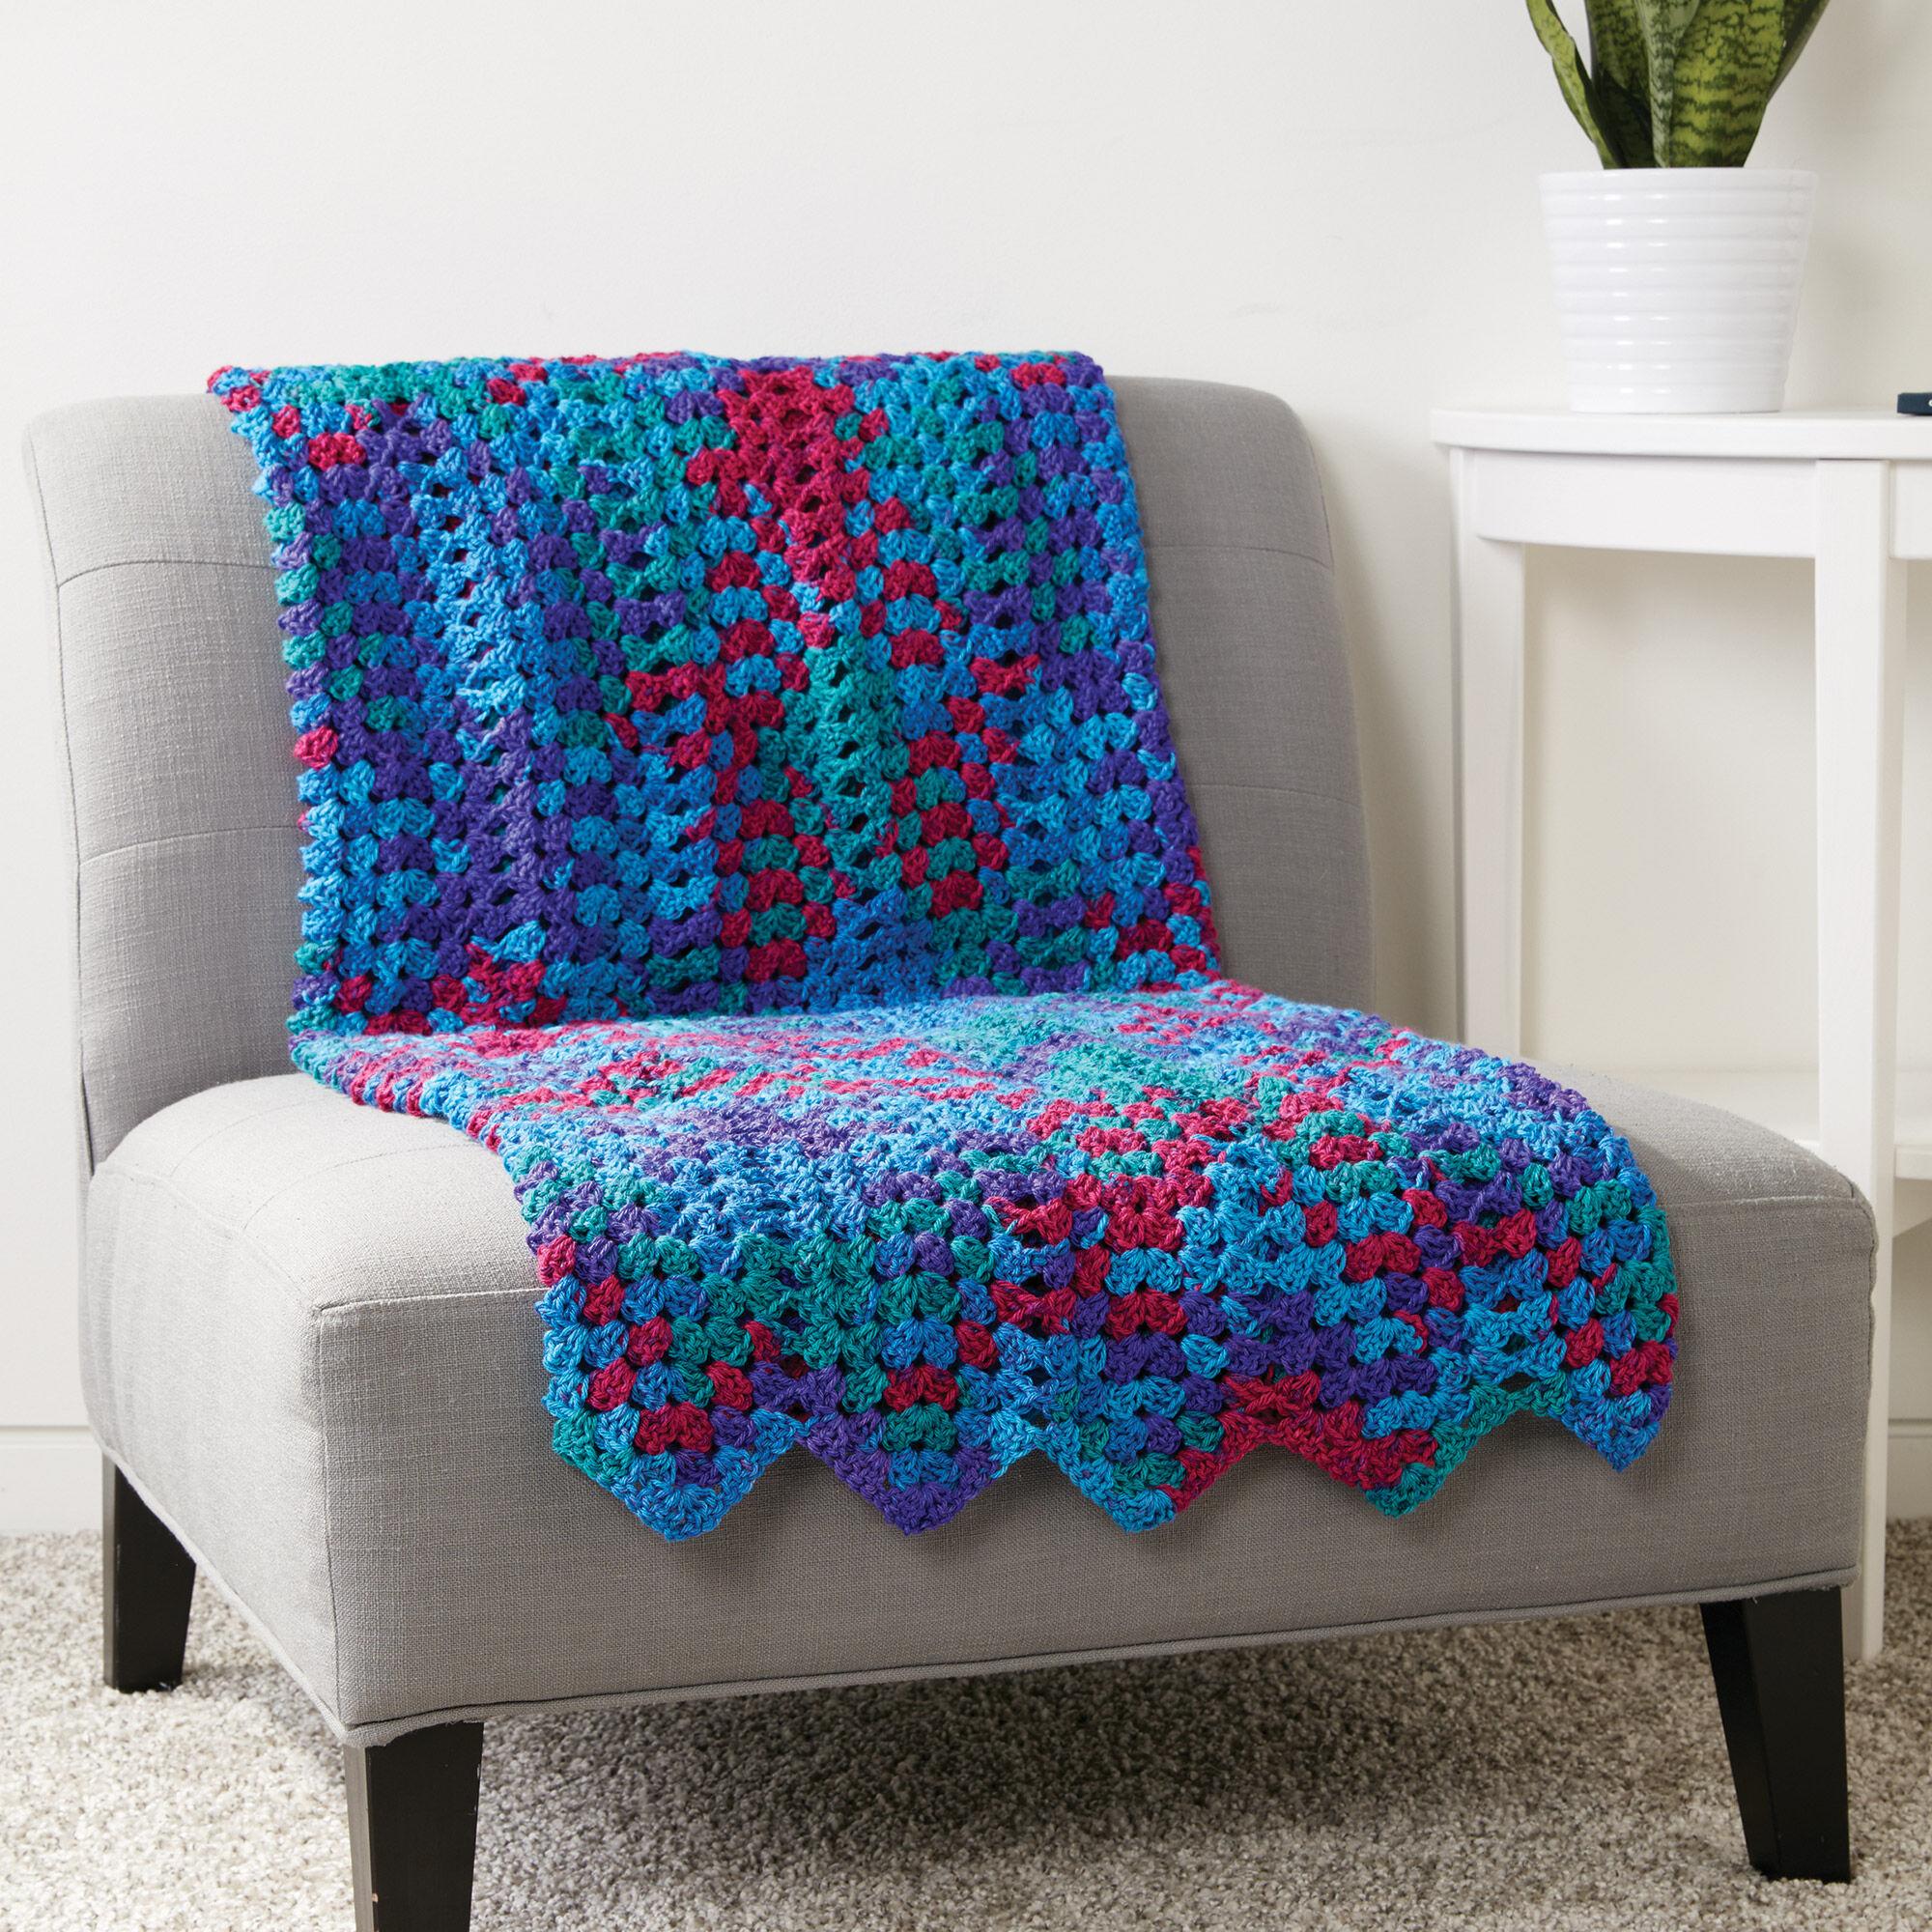 Caron Granny Stitch Chevron Blanket   Yarnspirations